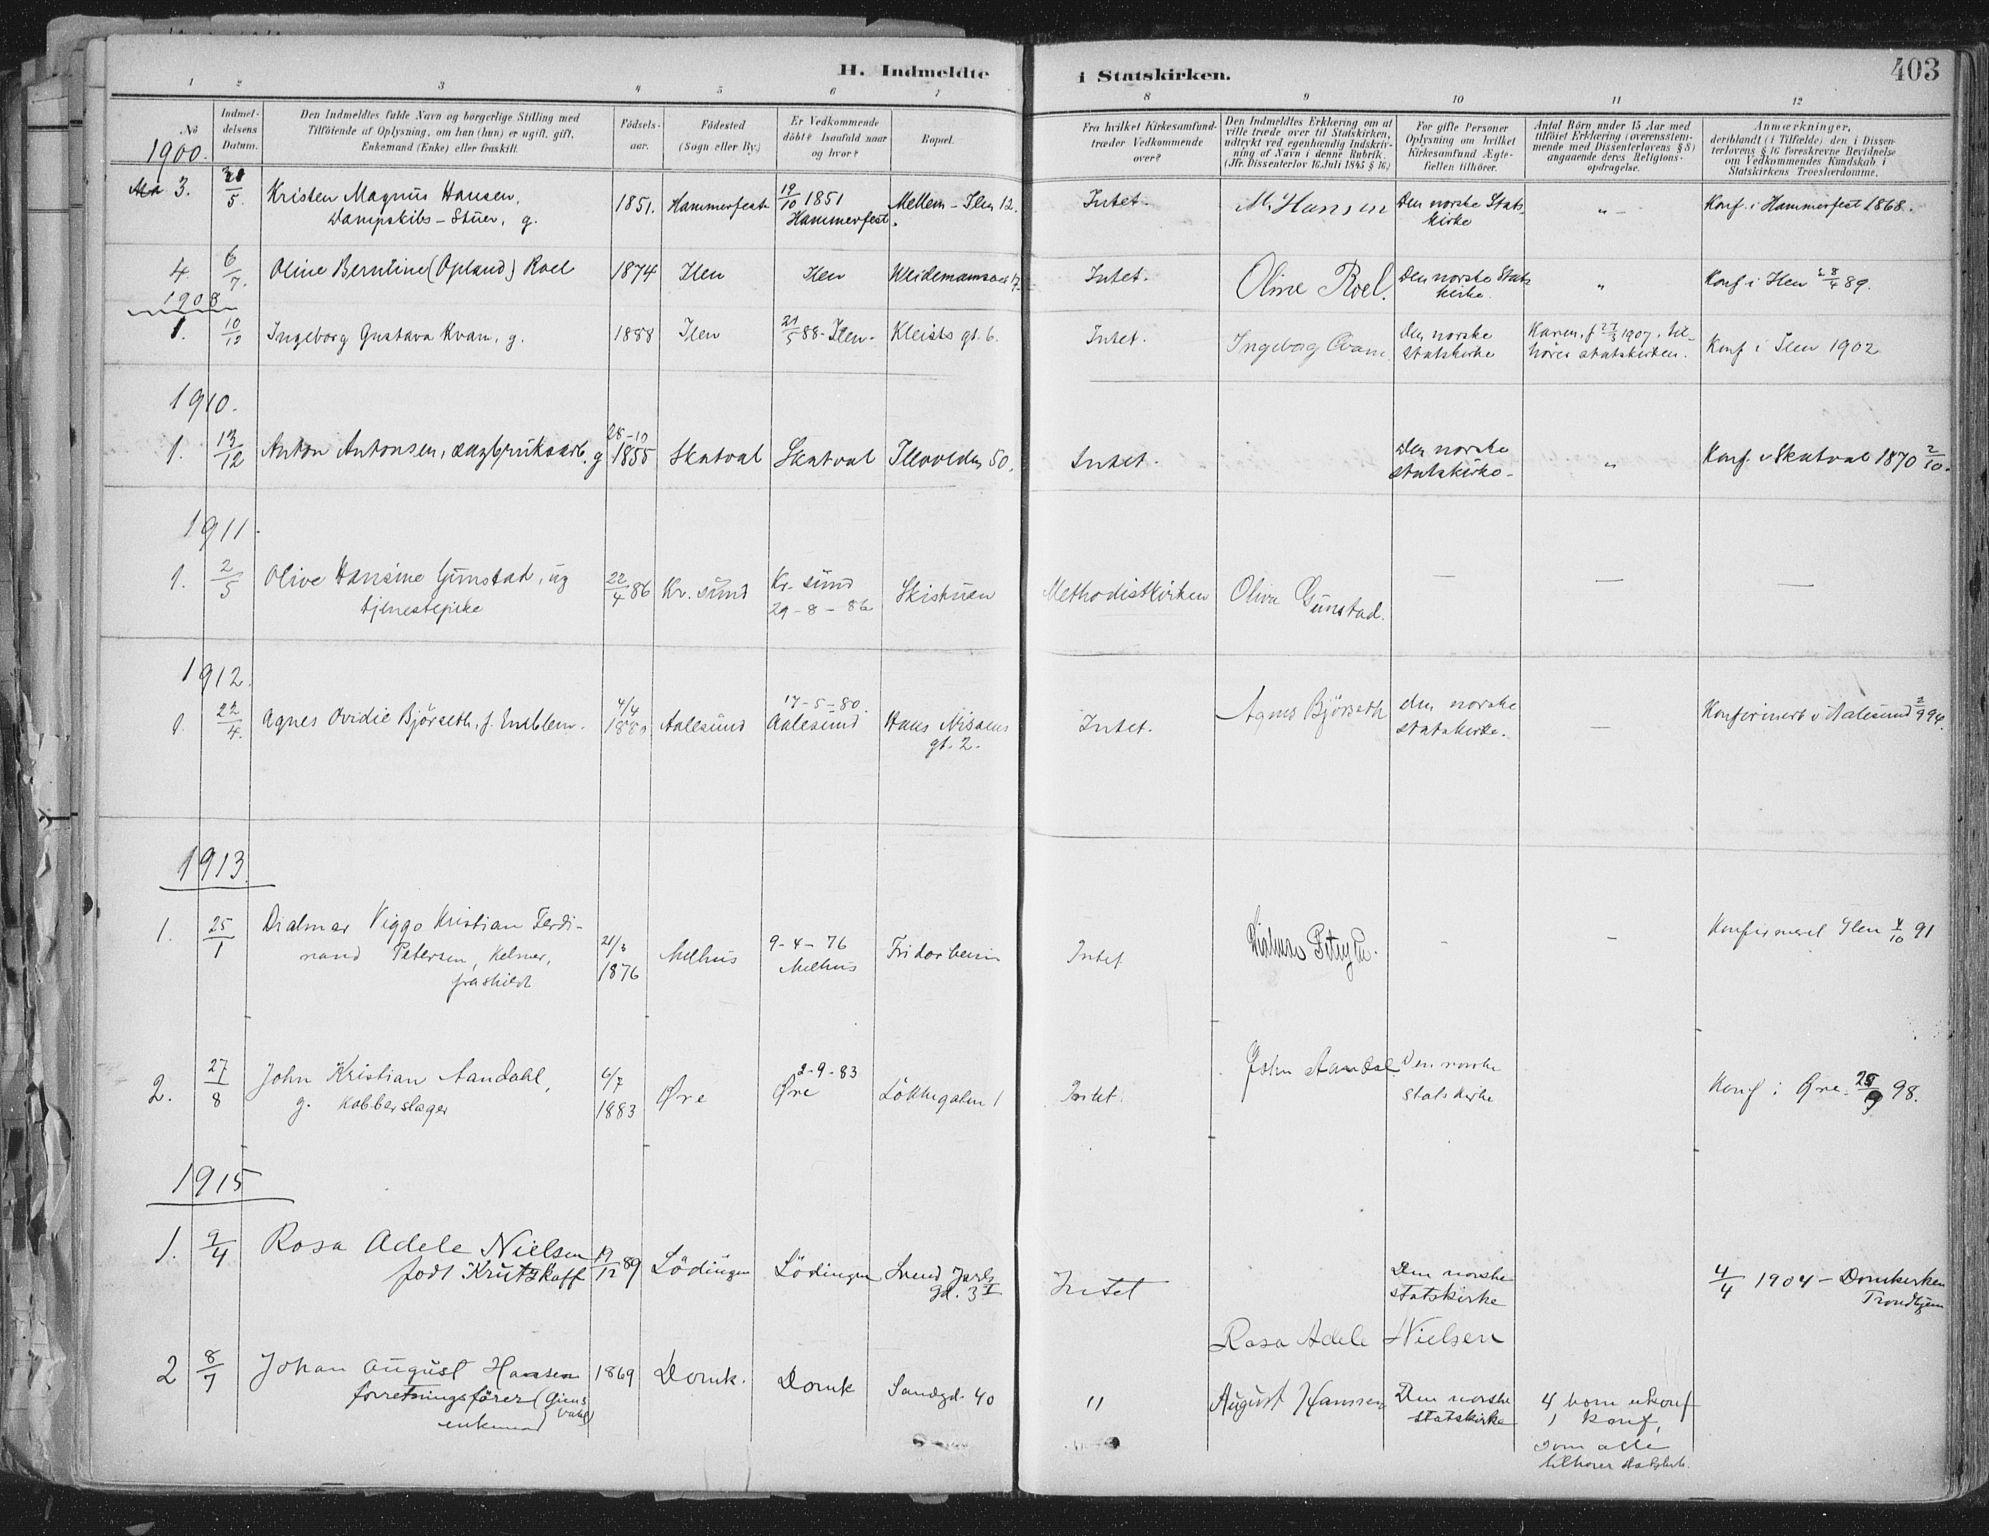 SAT, Ministerialprotokoller, klokkerbøker og fødselsregistre - Sør-Trøndelag, 603/L0167: Ministerialbok nr. 603A06, 1896-1932, s. 403